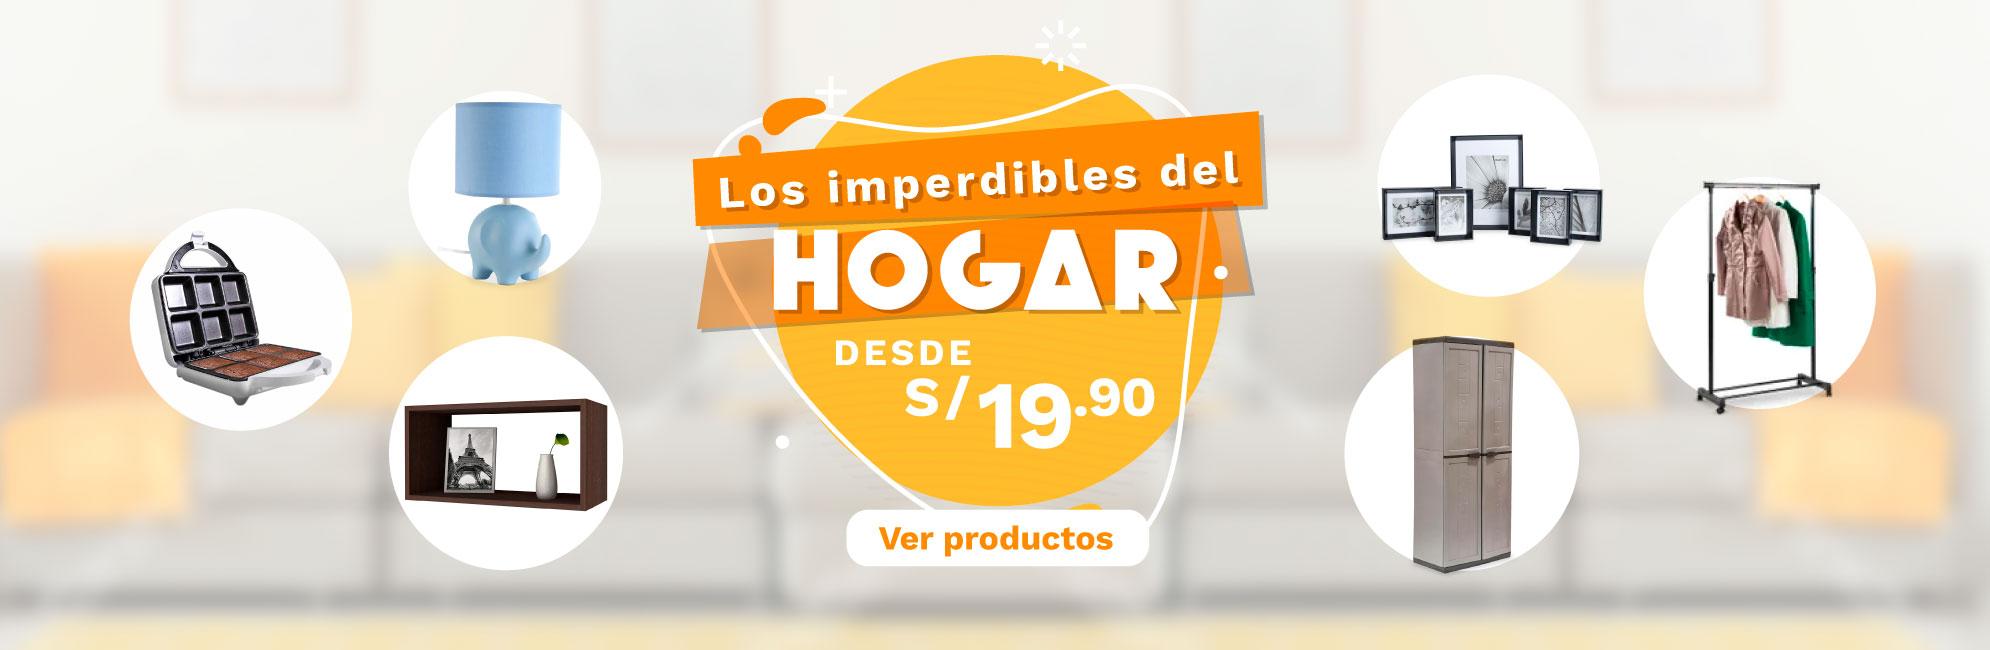 Banner Los Esenciales del Hogar desde S/ 19.90 Desktop